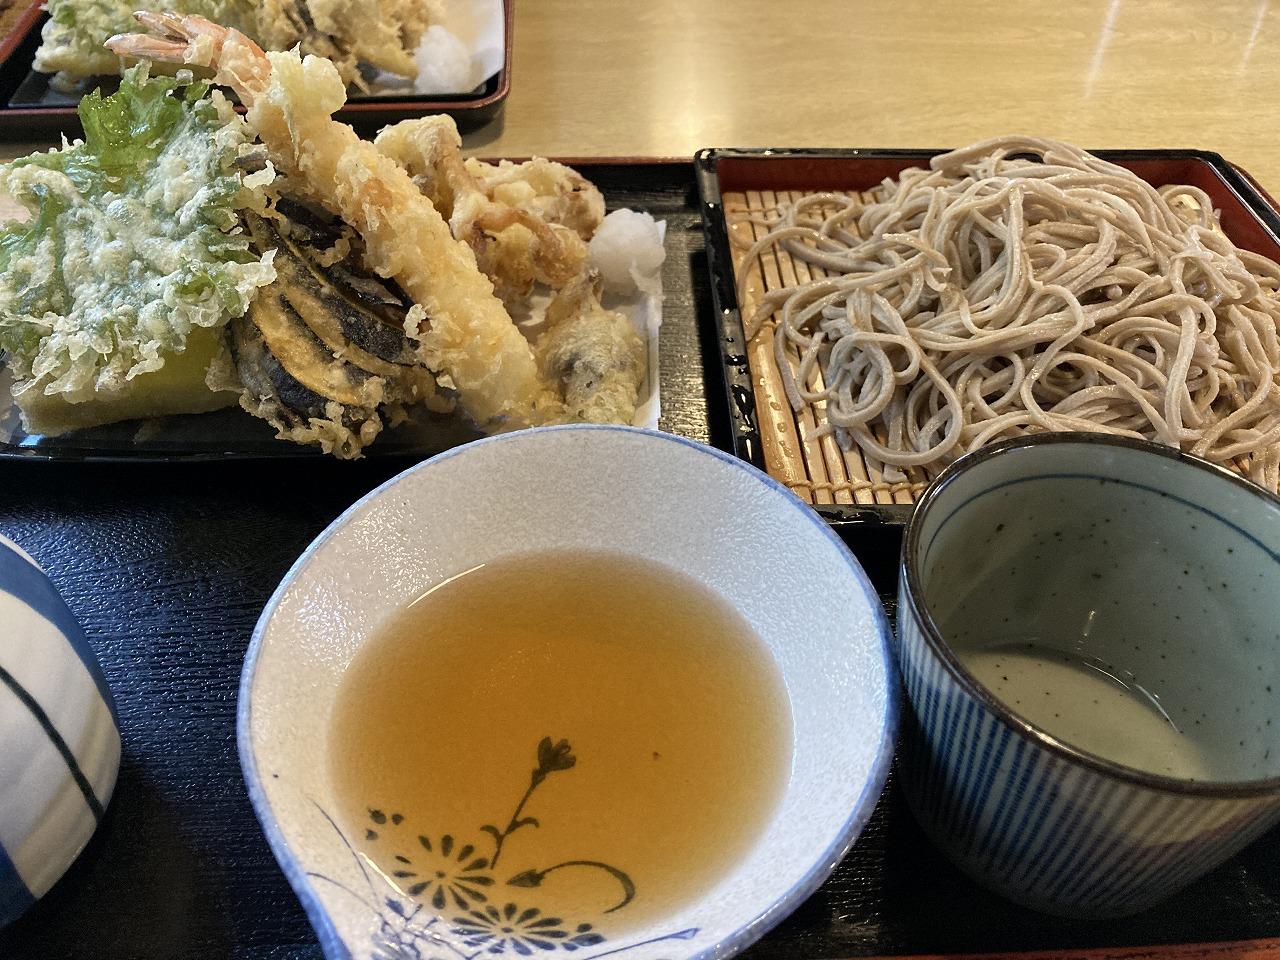 やっとありつけた山菜天ぷら!